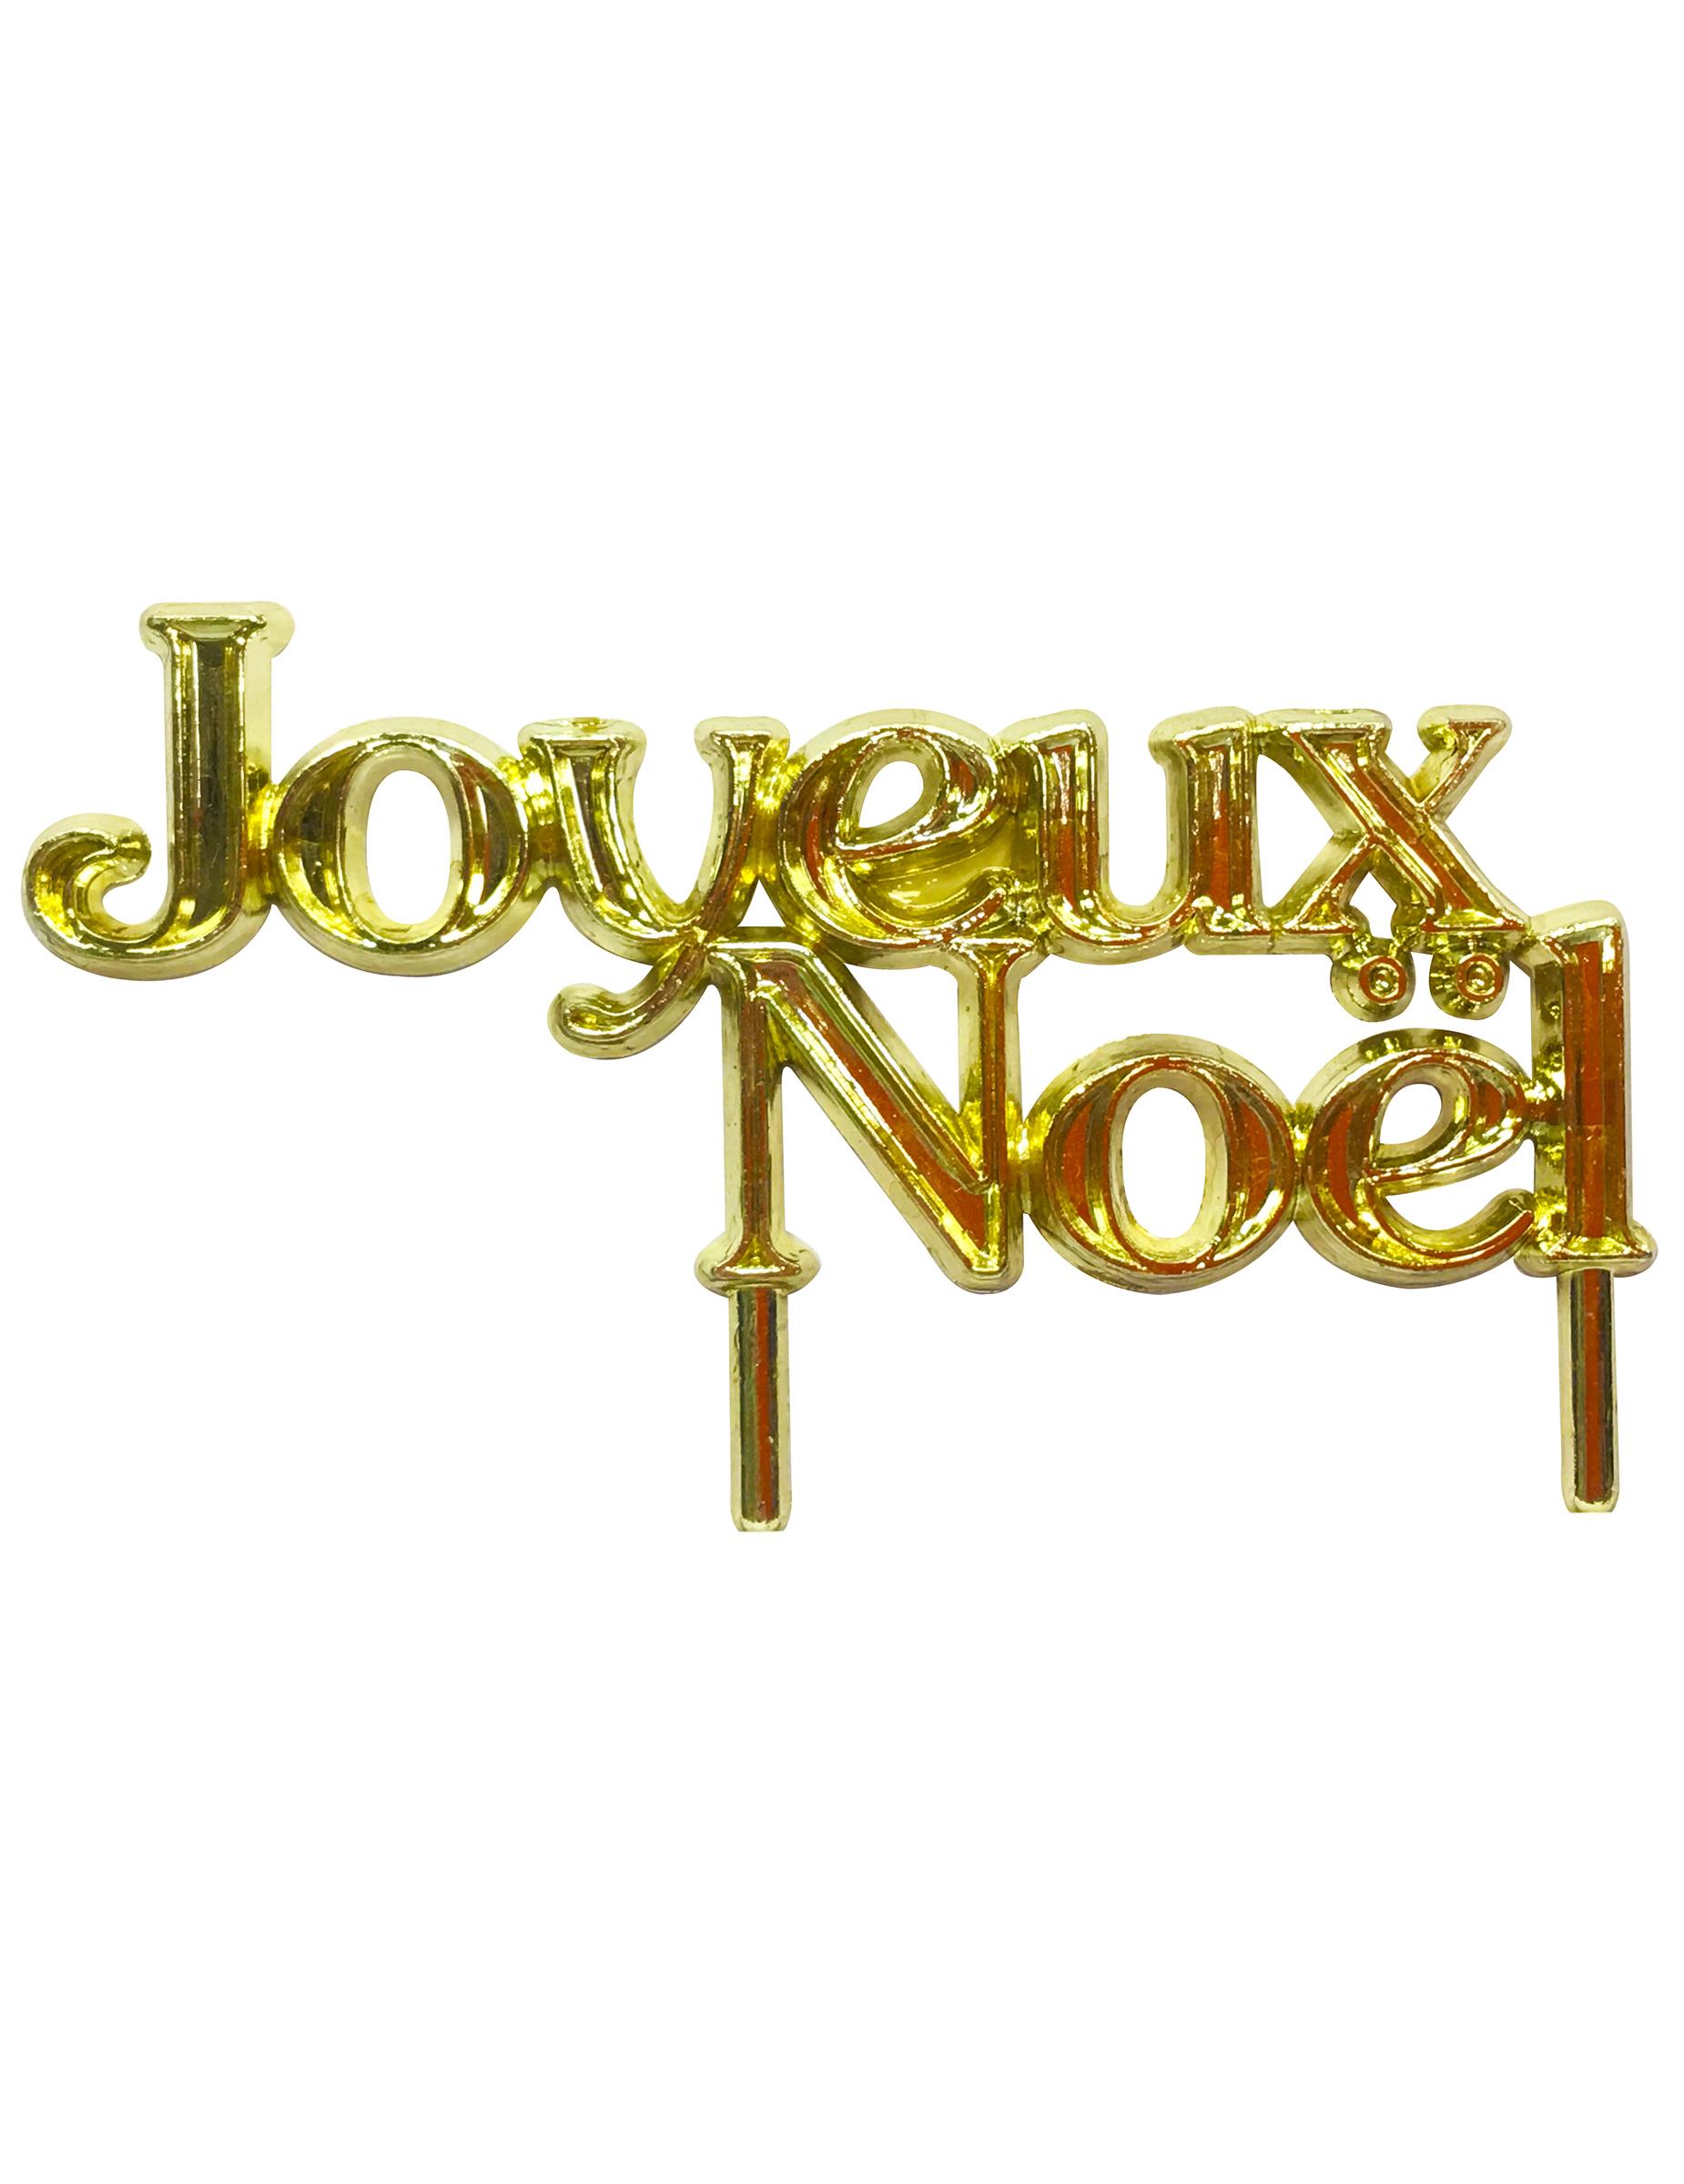 D coration pour b che joyeux no l 7 cm deguise toi for Animation decoration noel